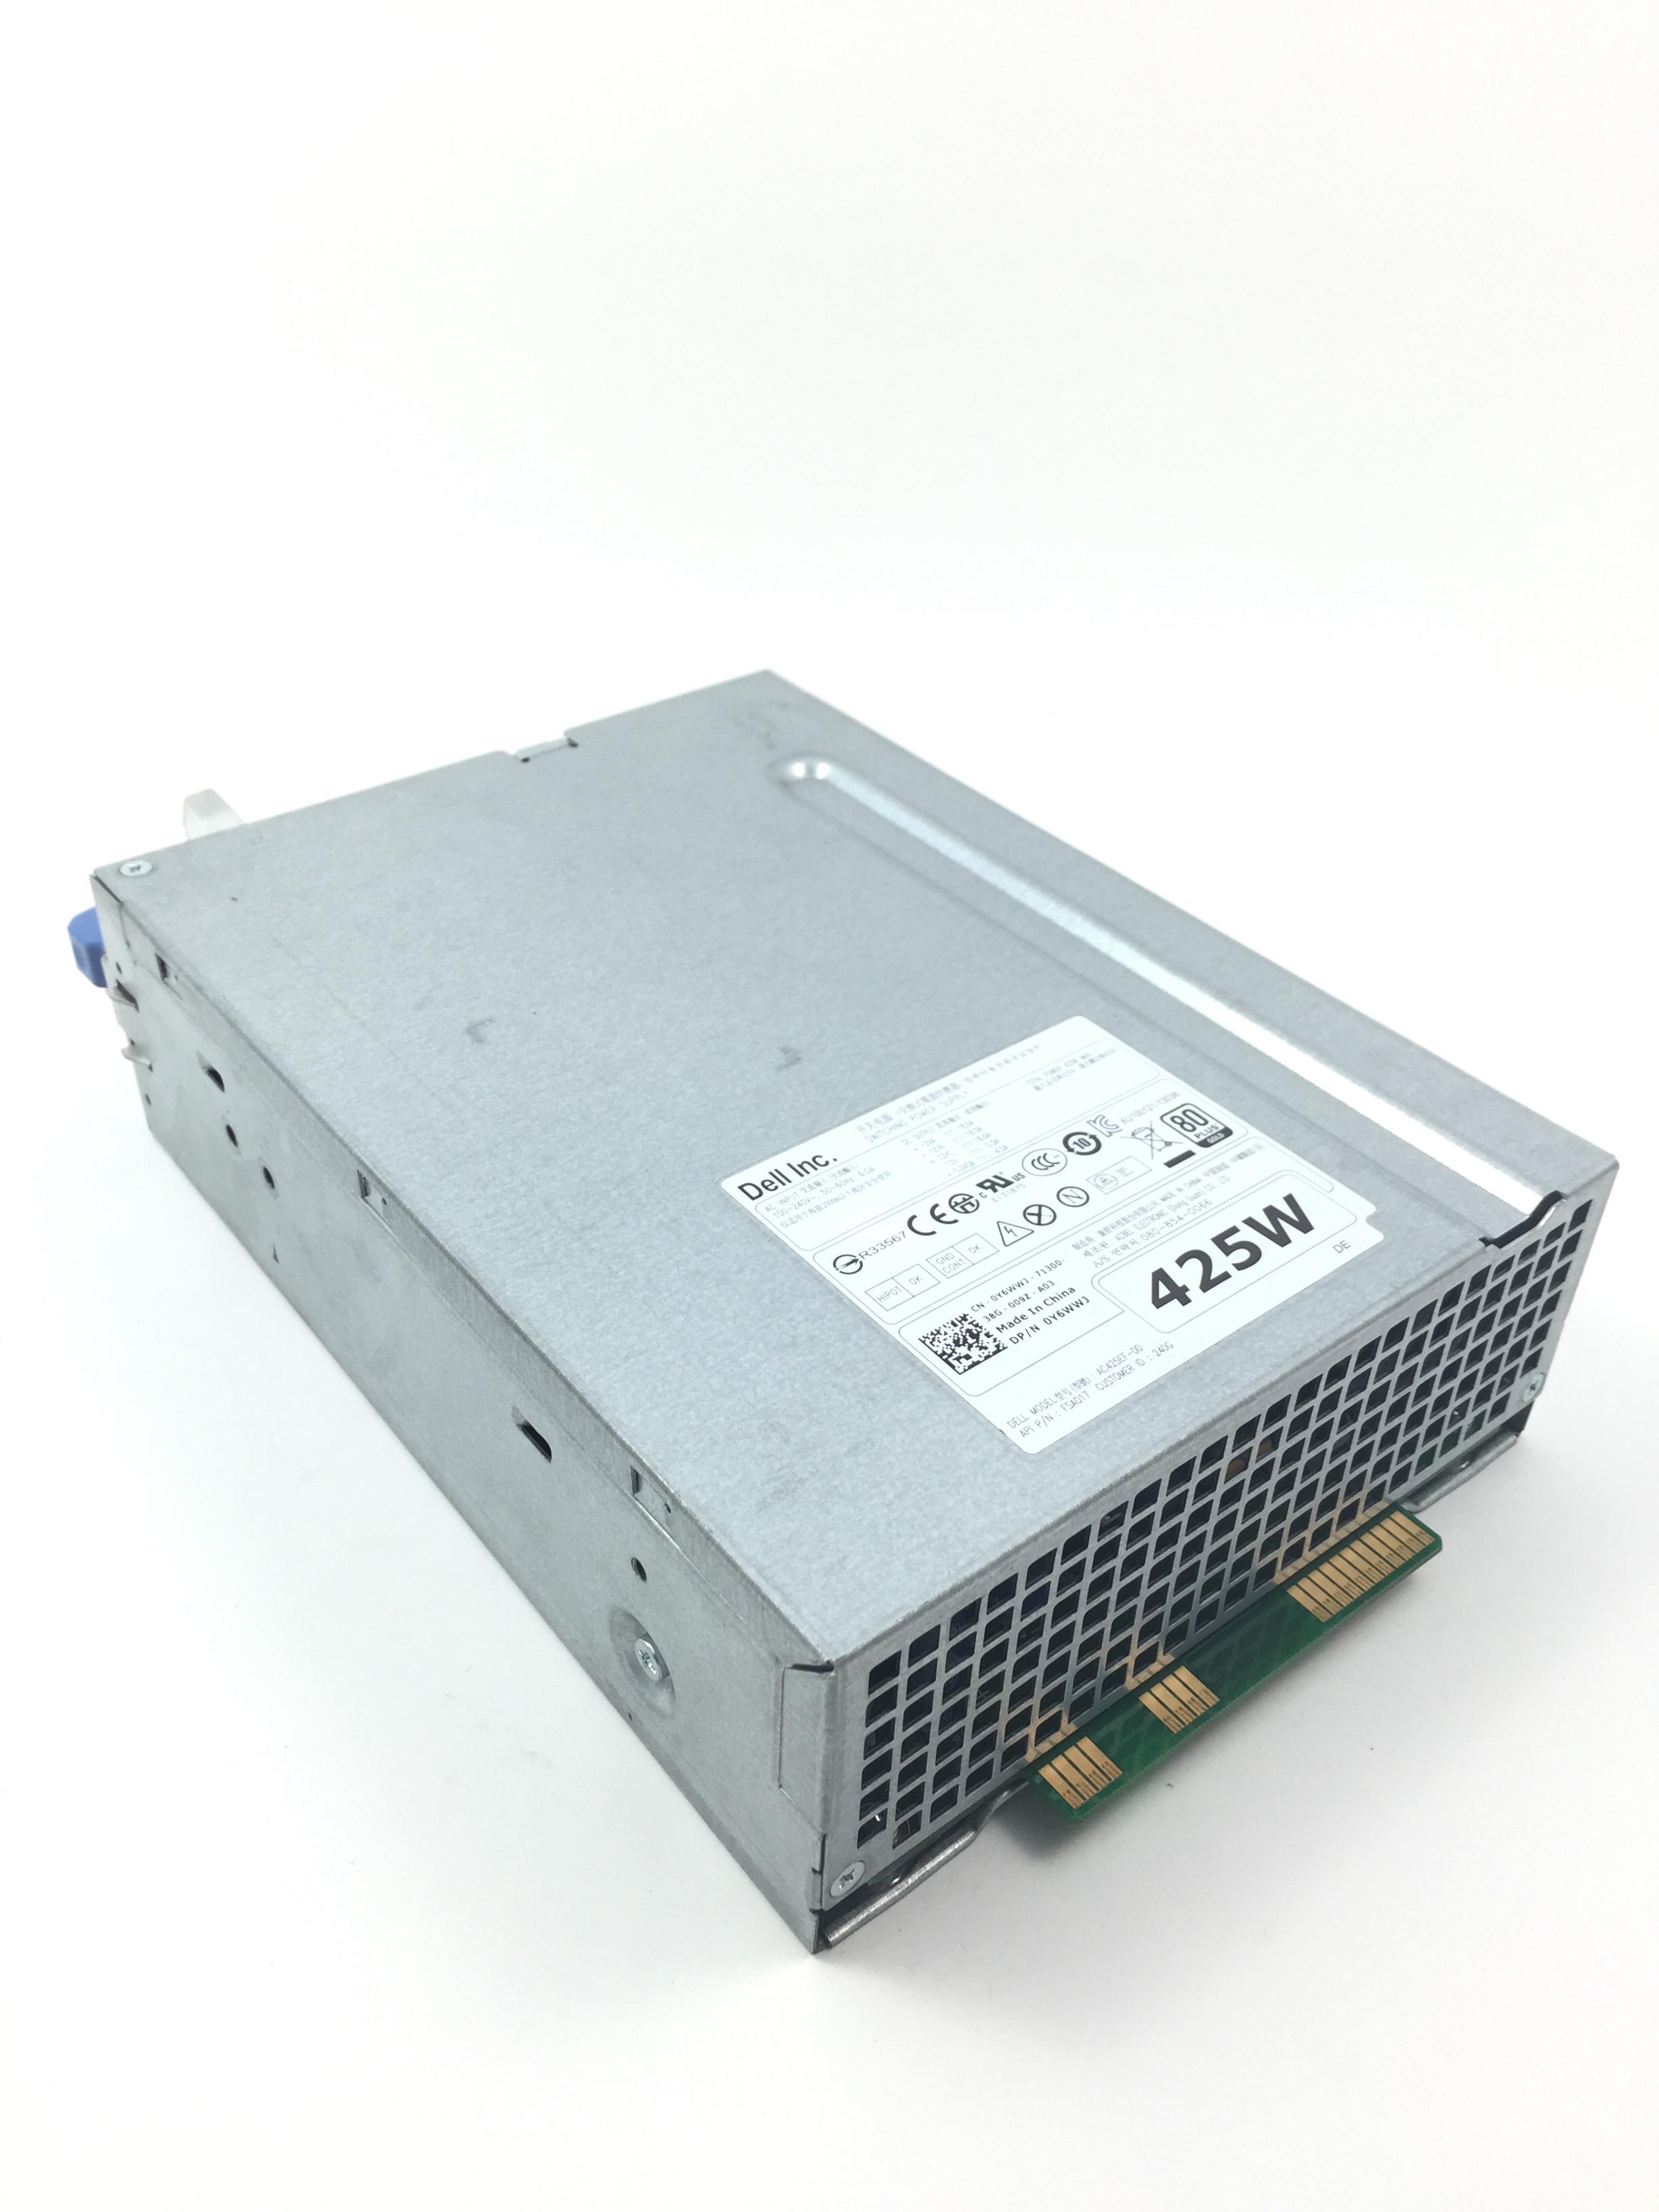 Dell Precision T3600 425W Redundant Power Supply (Y6WWJ)